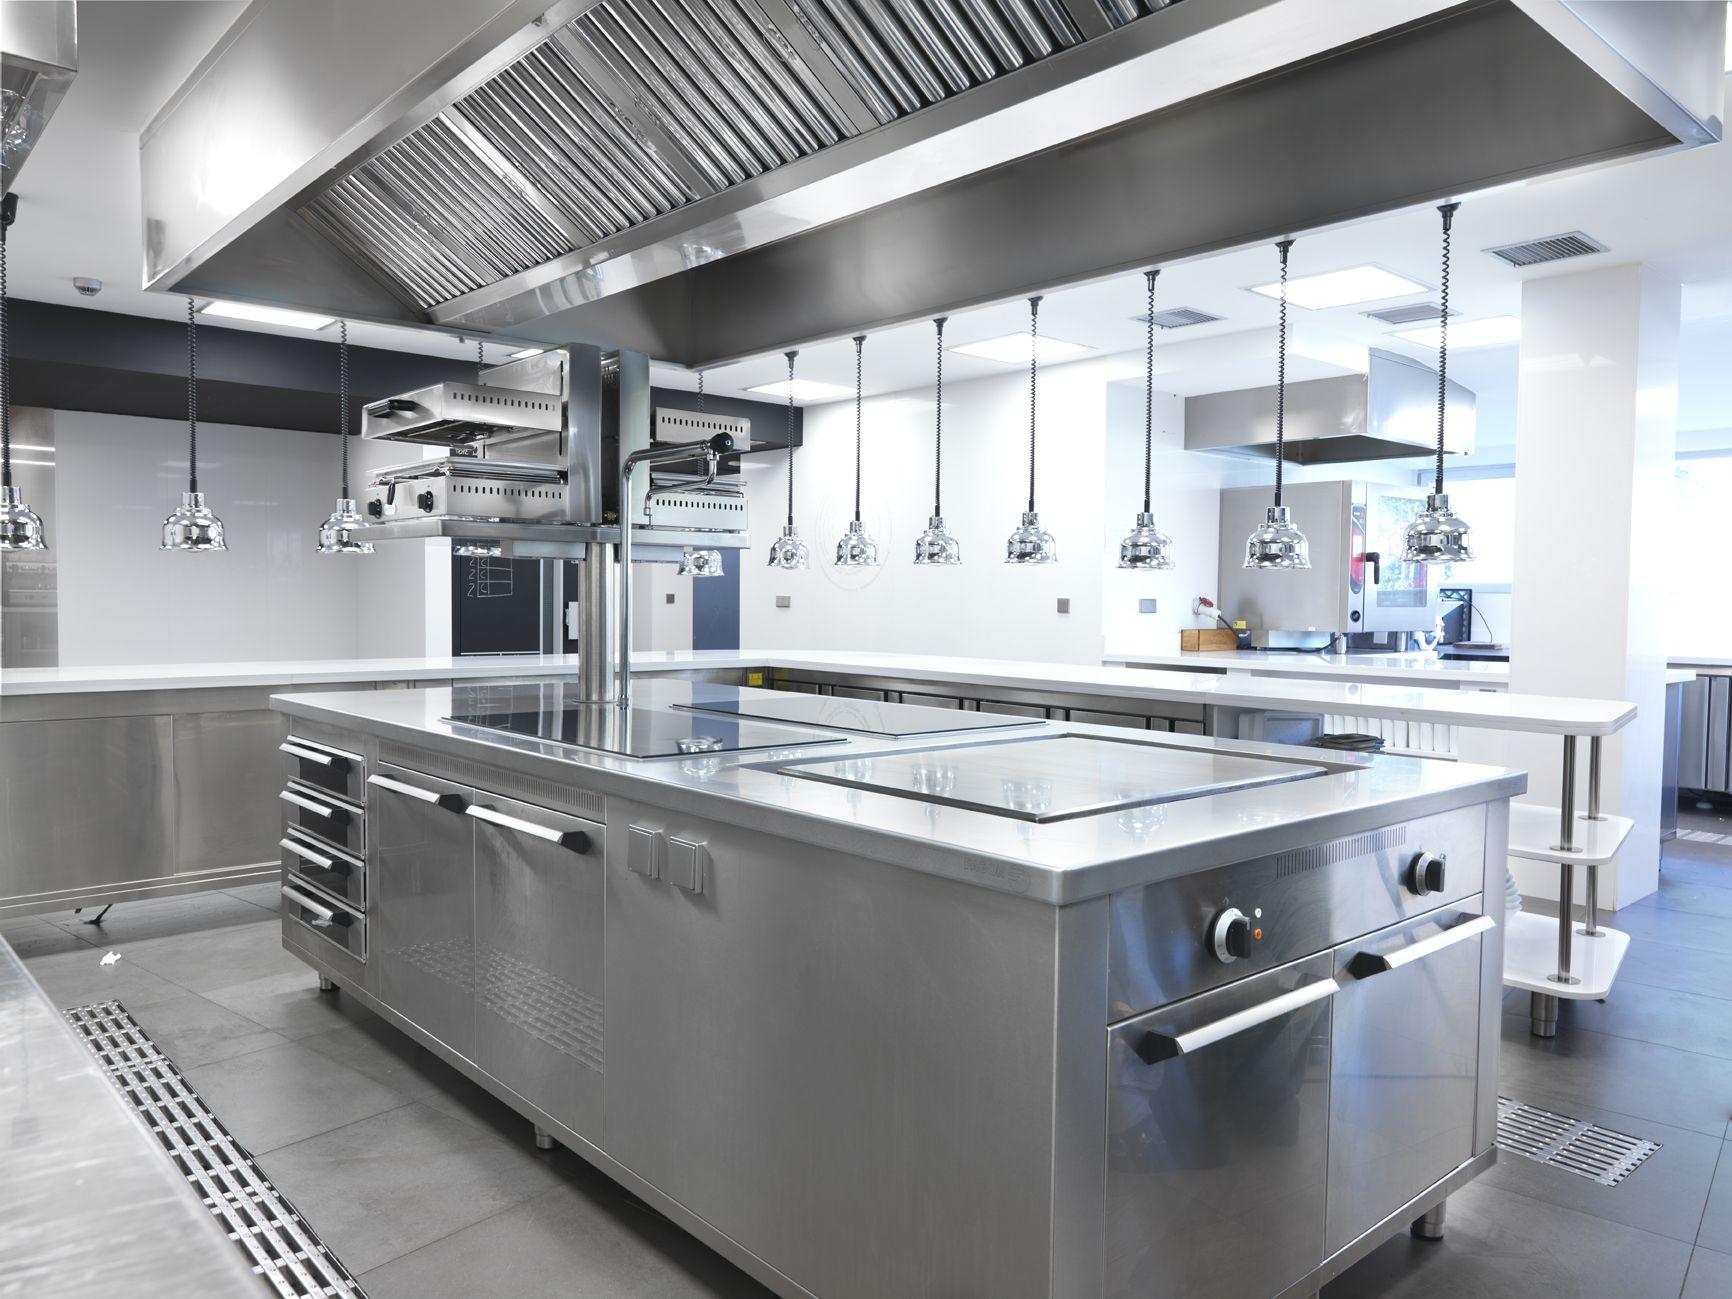 Inox Fry servicios de hostelería. Fabricación a medida de mostradores, cocinas industriales, campanas extractoras, mesas de trabajo, decoración en inox...